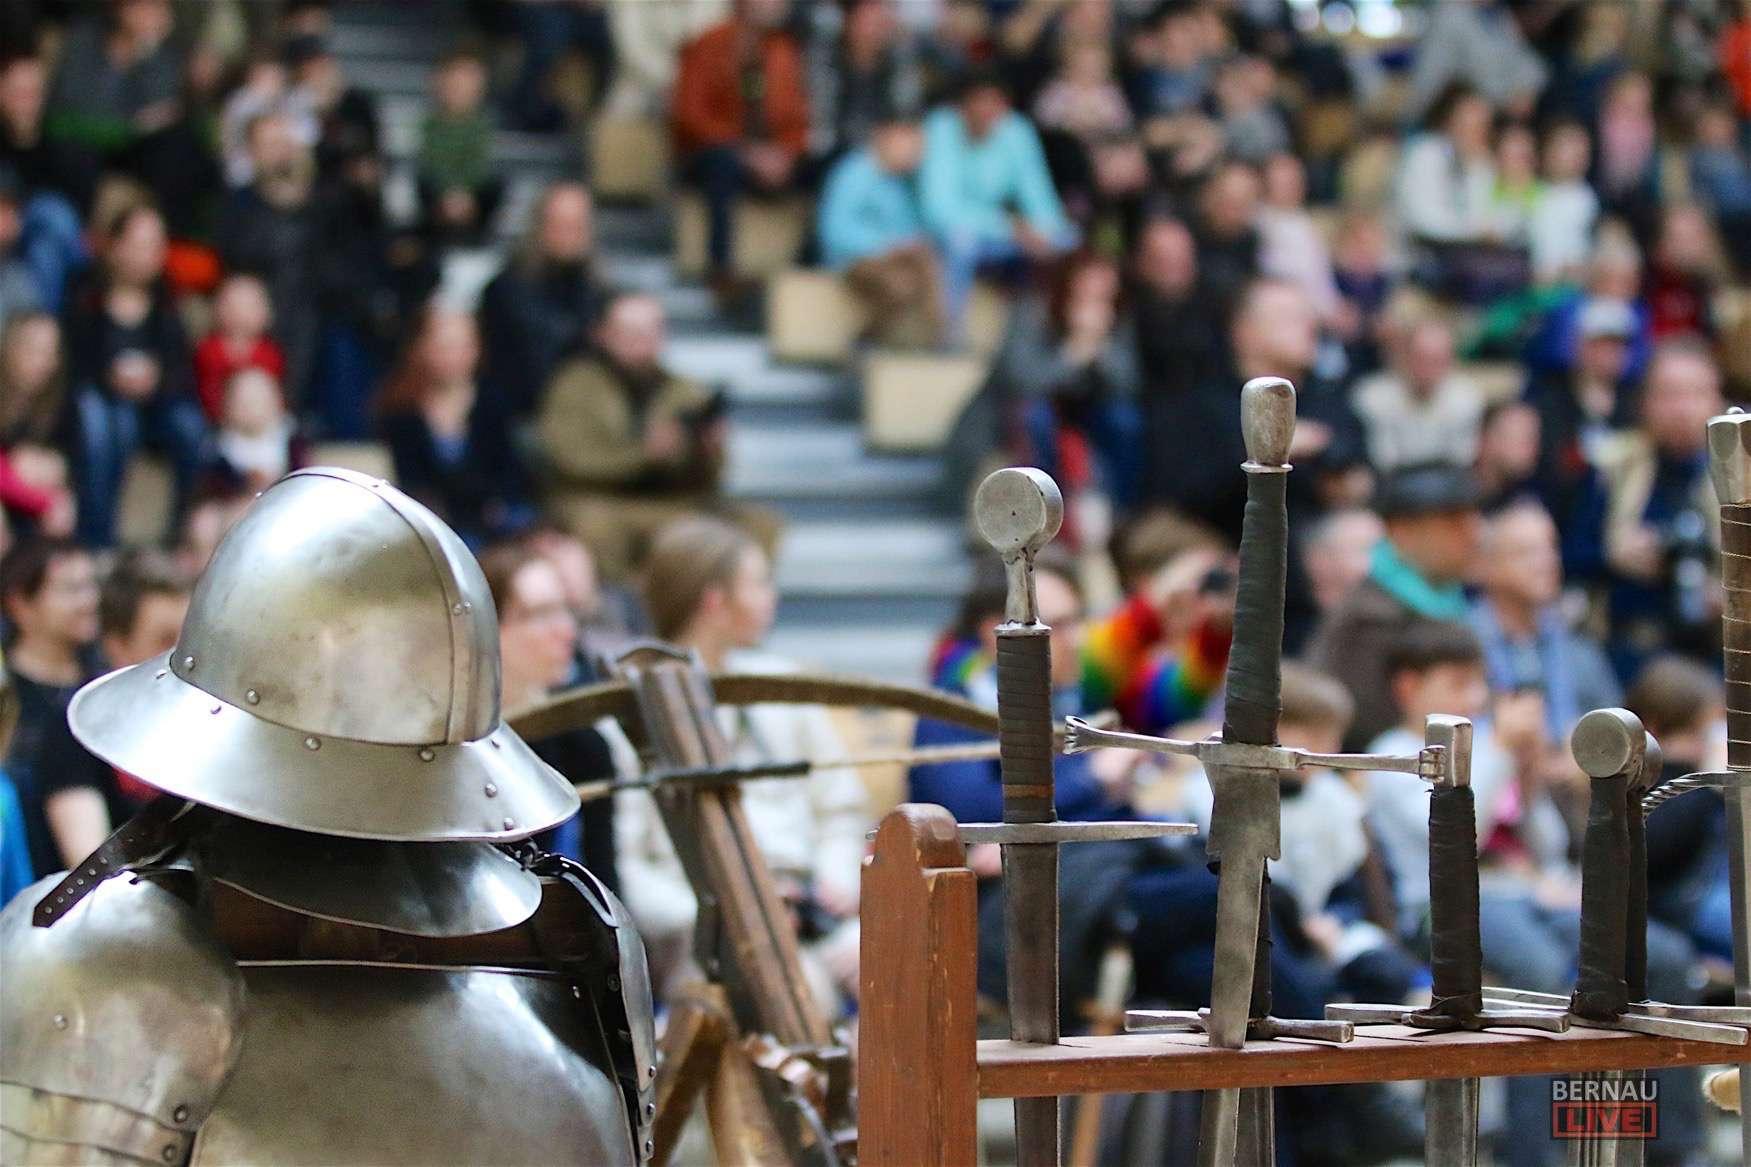 20. Schwertkämpfertreffen in Bernau begeisterte hunderte Zuschauer